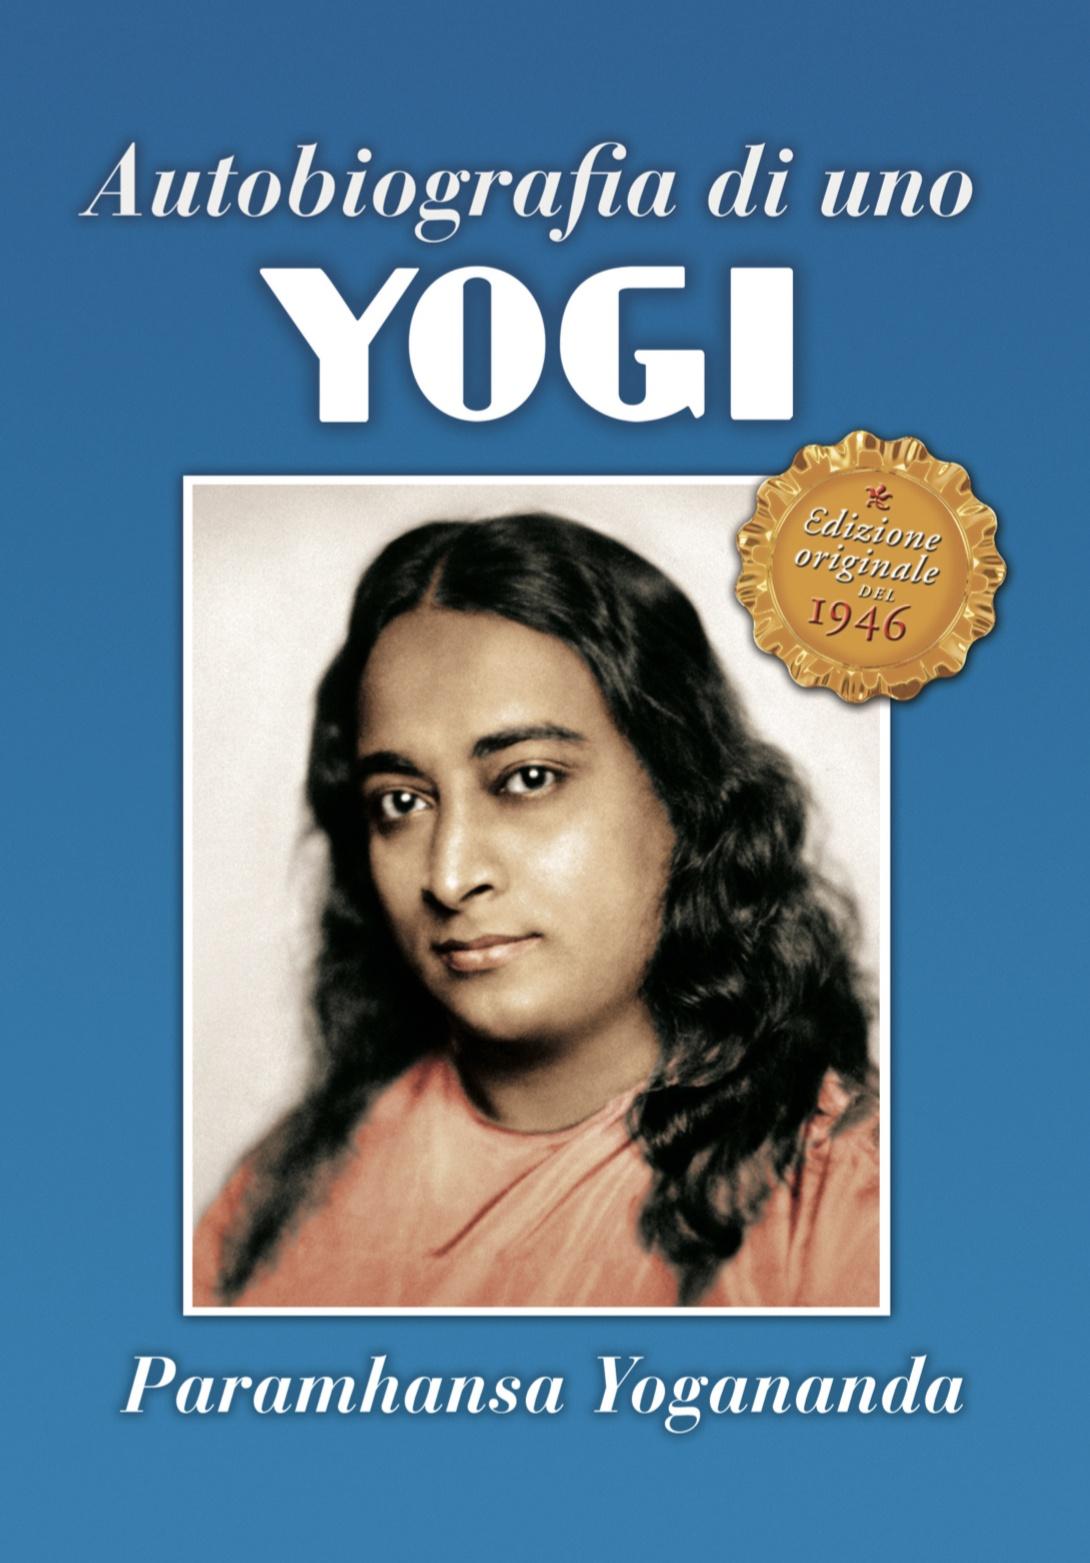 83188R Autobiografia di uno yogi NE cover